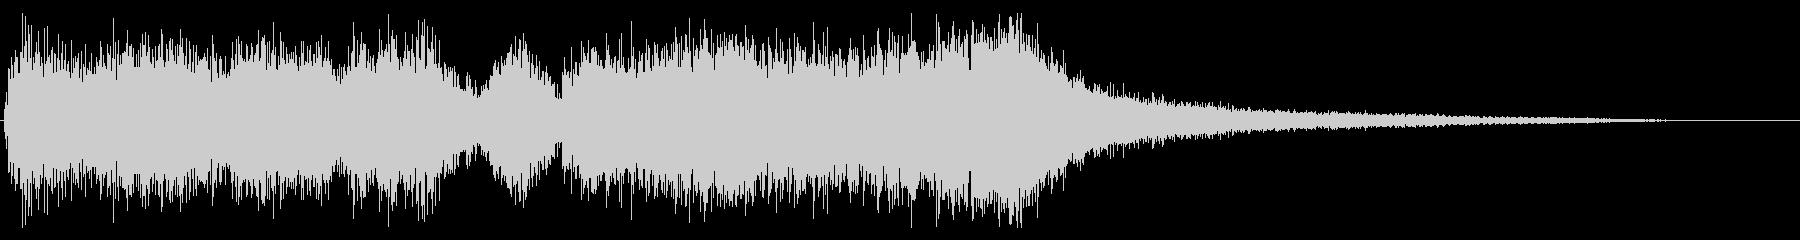 ファンファーレ、レベルアップなどの効果音の未再生の波形